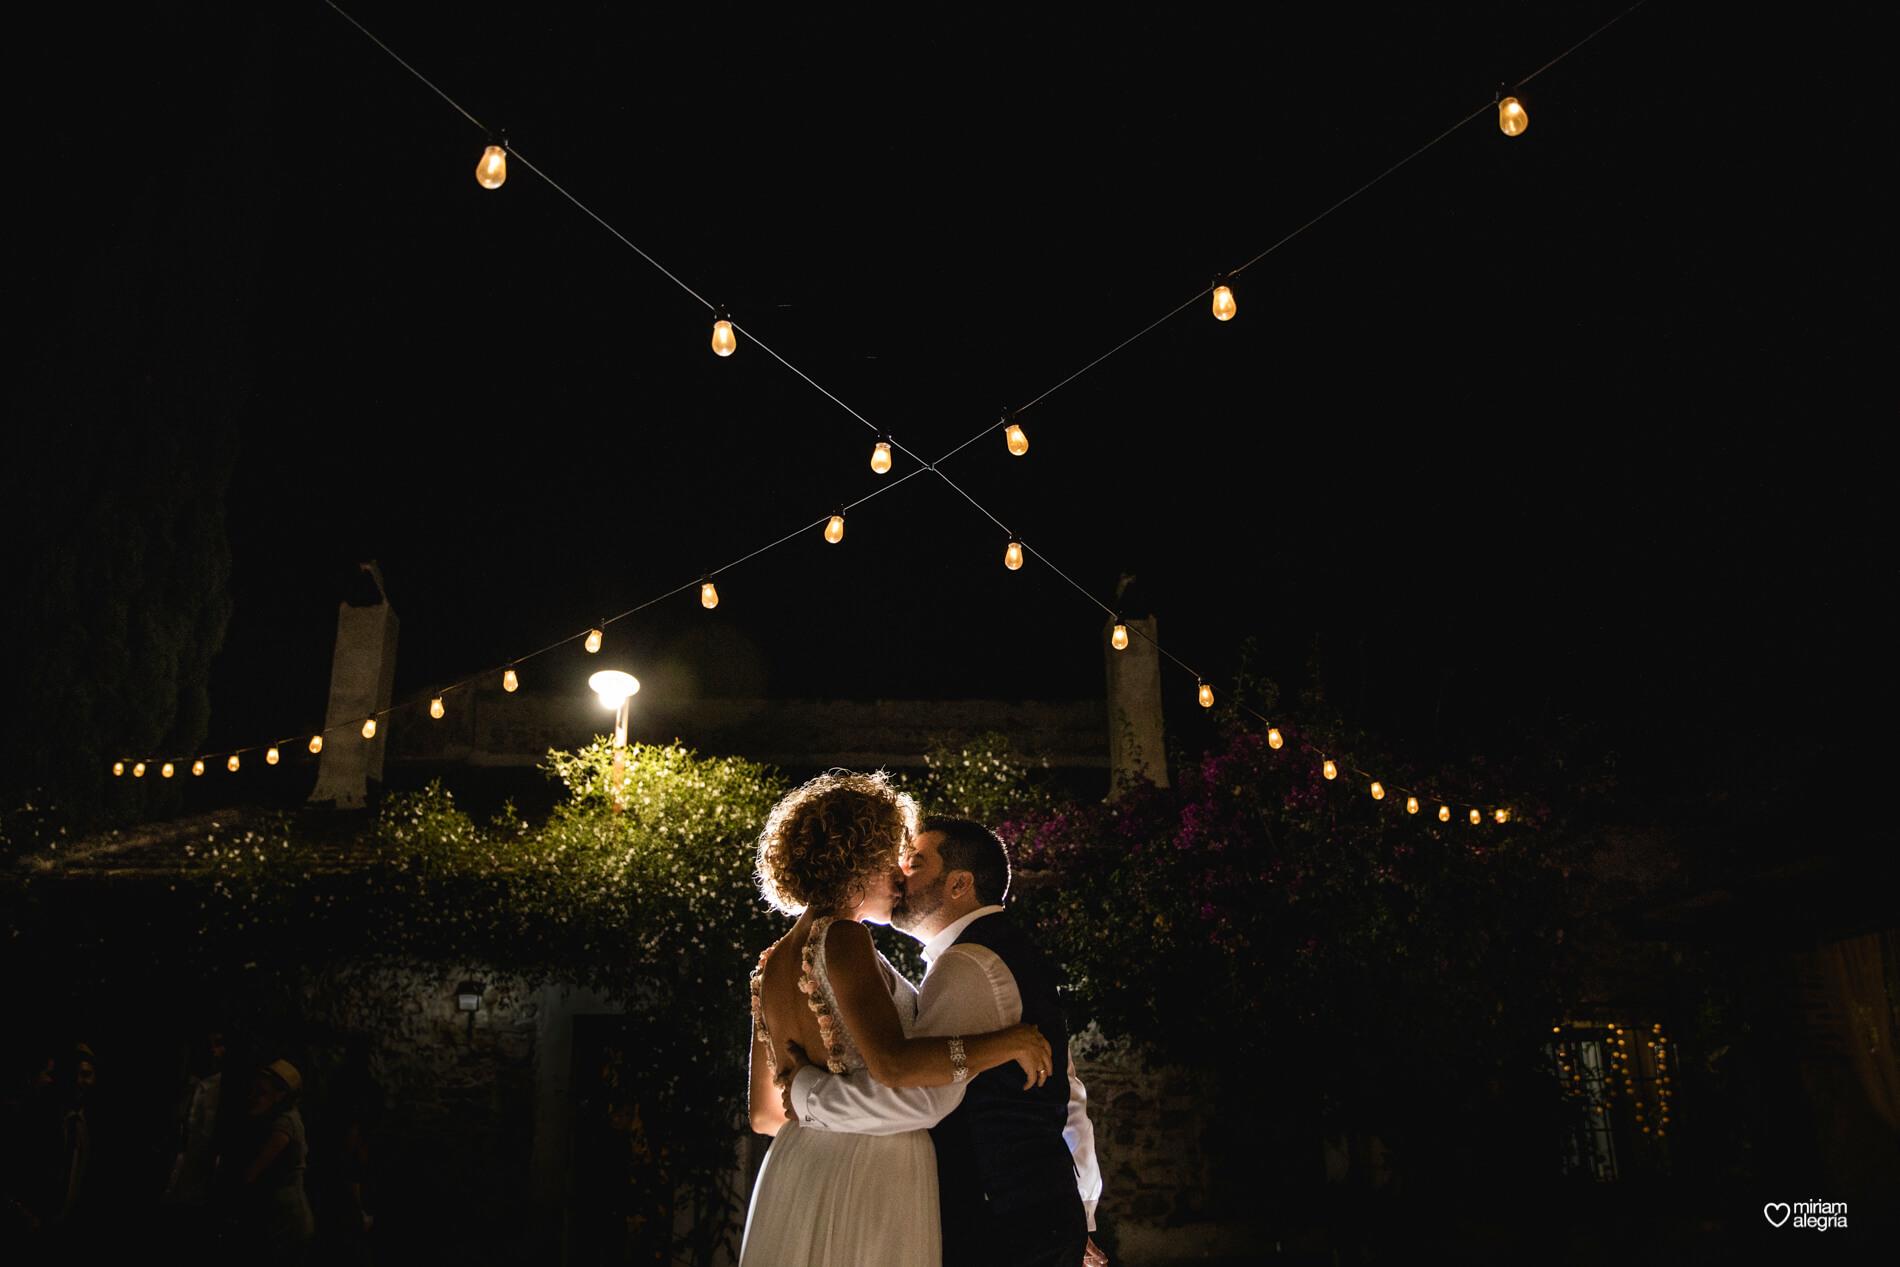 boda-en-finca-la-carrasca-miriam-alegria-149